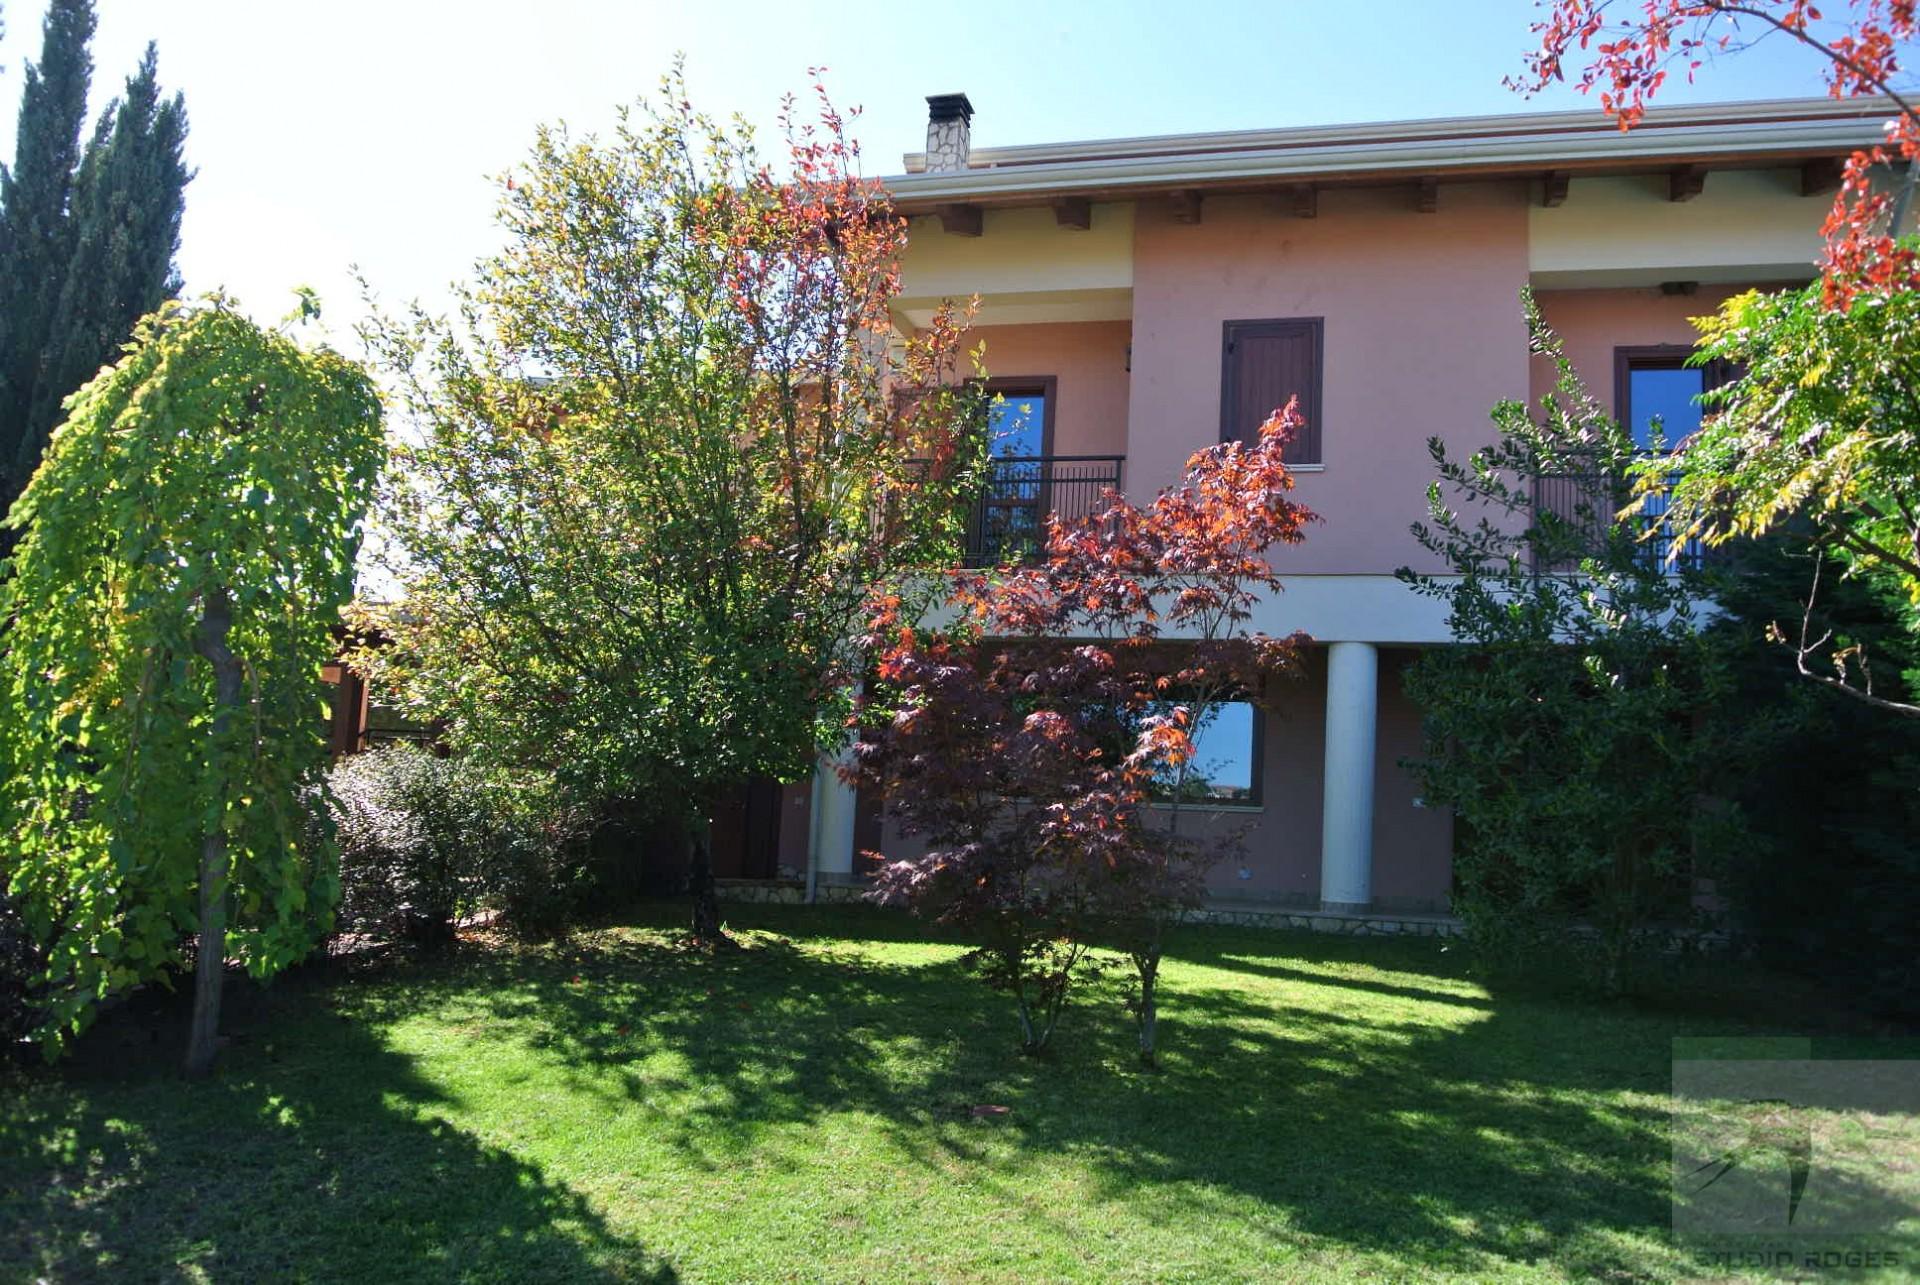 Villa in Vendita 330,00 mq - N. camere: 5 - - Rende - Saporito-Surdo-Malvitani (CS)